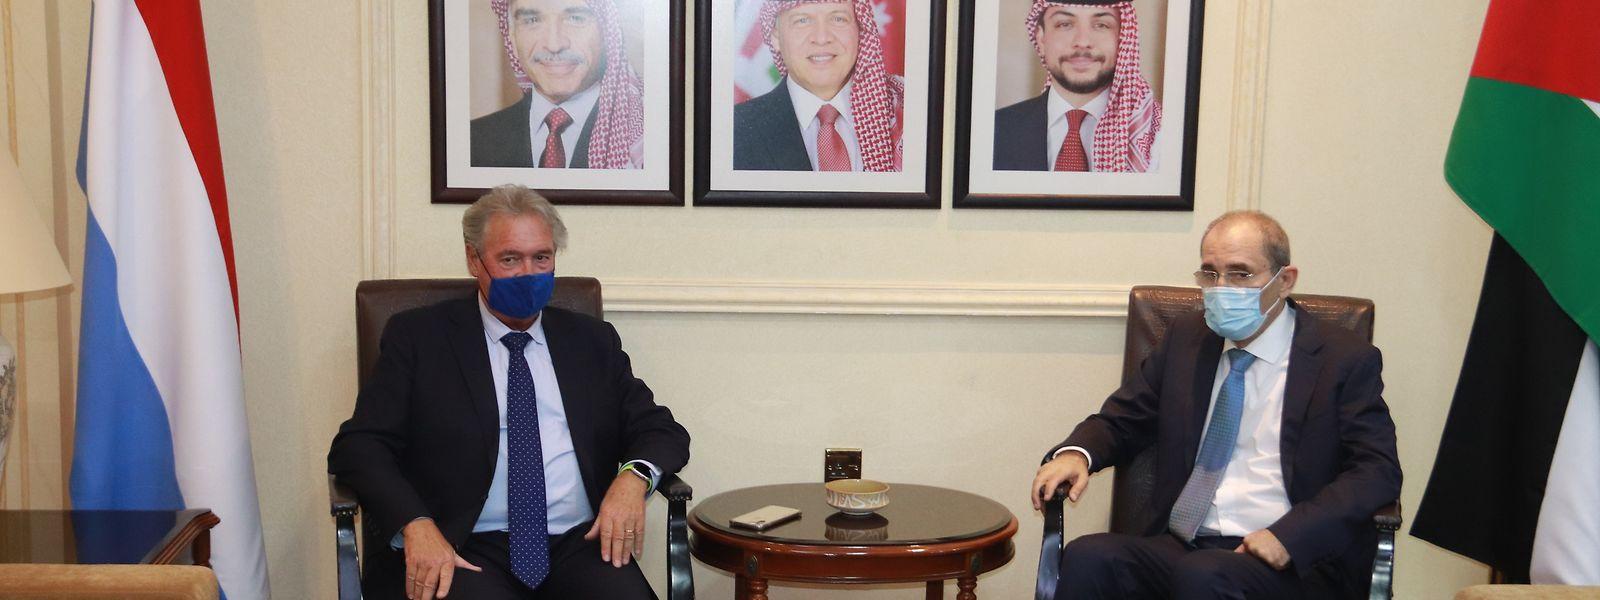 Außenminister Jean Asselborn traf sich am Donnerstag mit seinem jordanischen Amtskollegen Ayman Safadi.